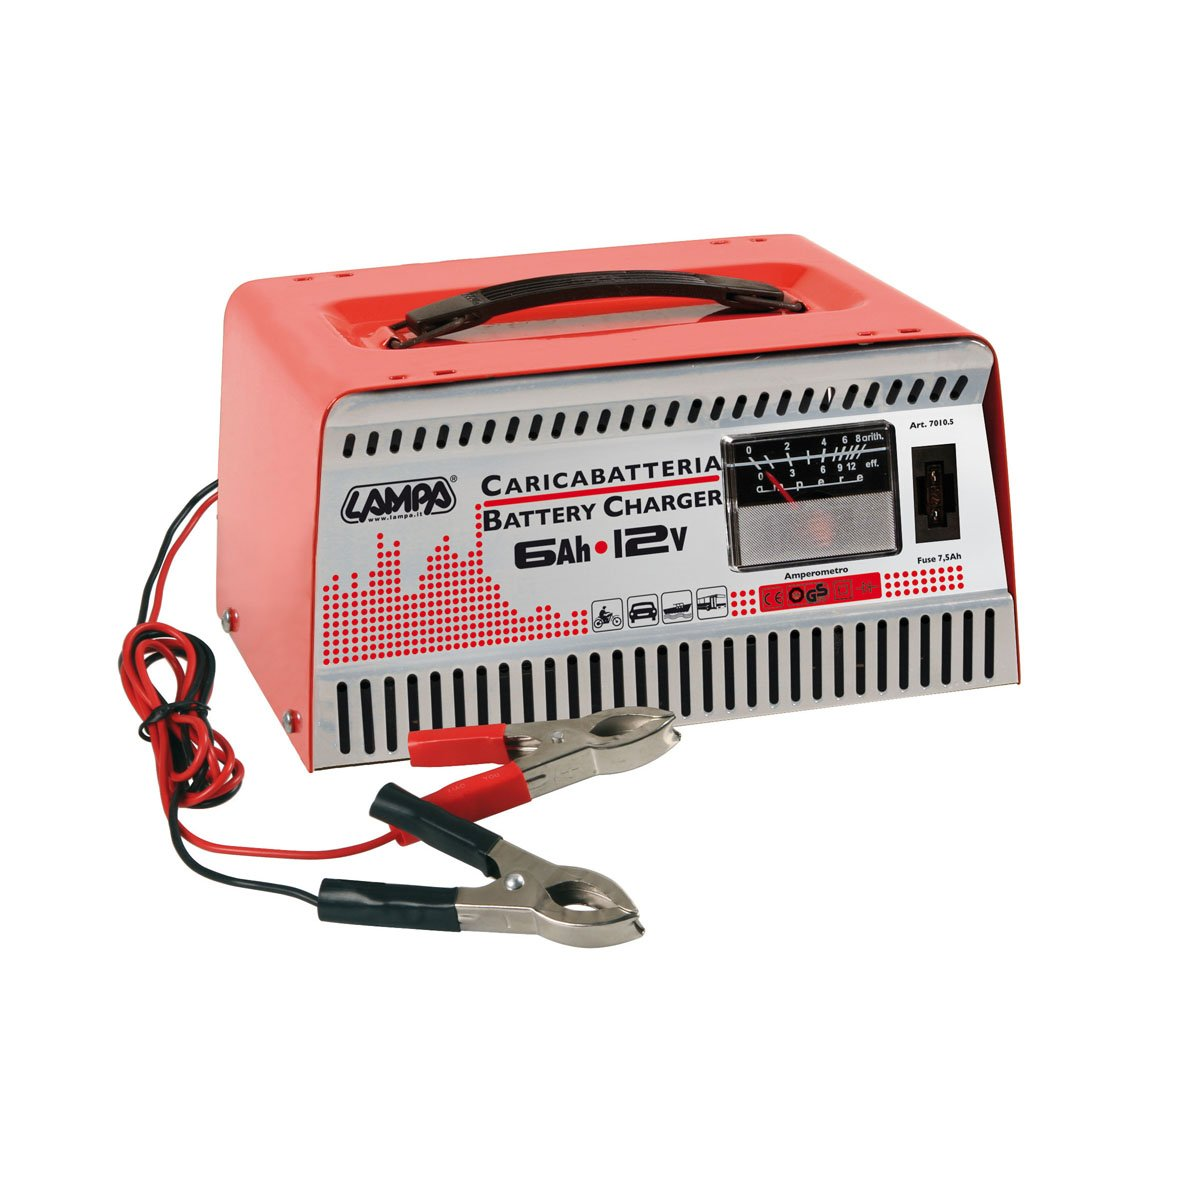 Pilot LA_70105 Chargeur de batterie 12 V, 6 Ah